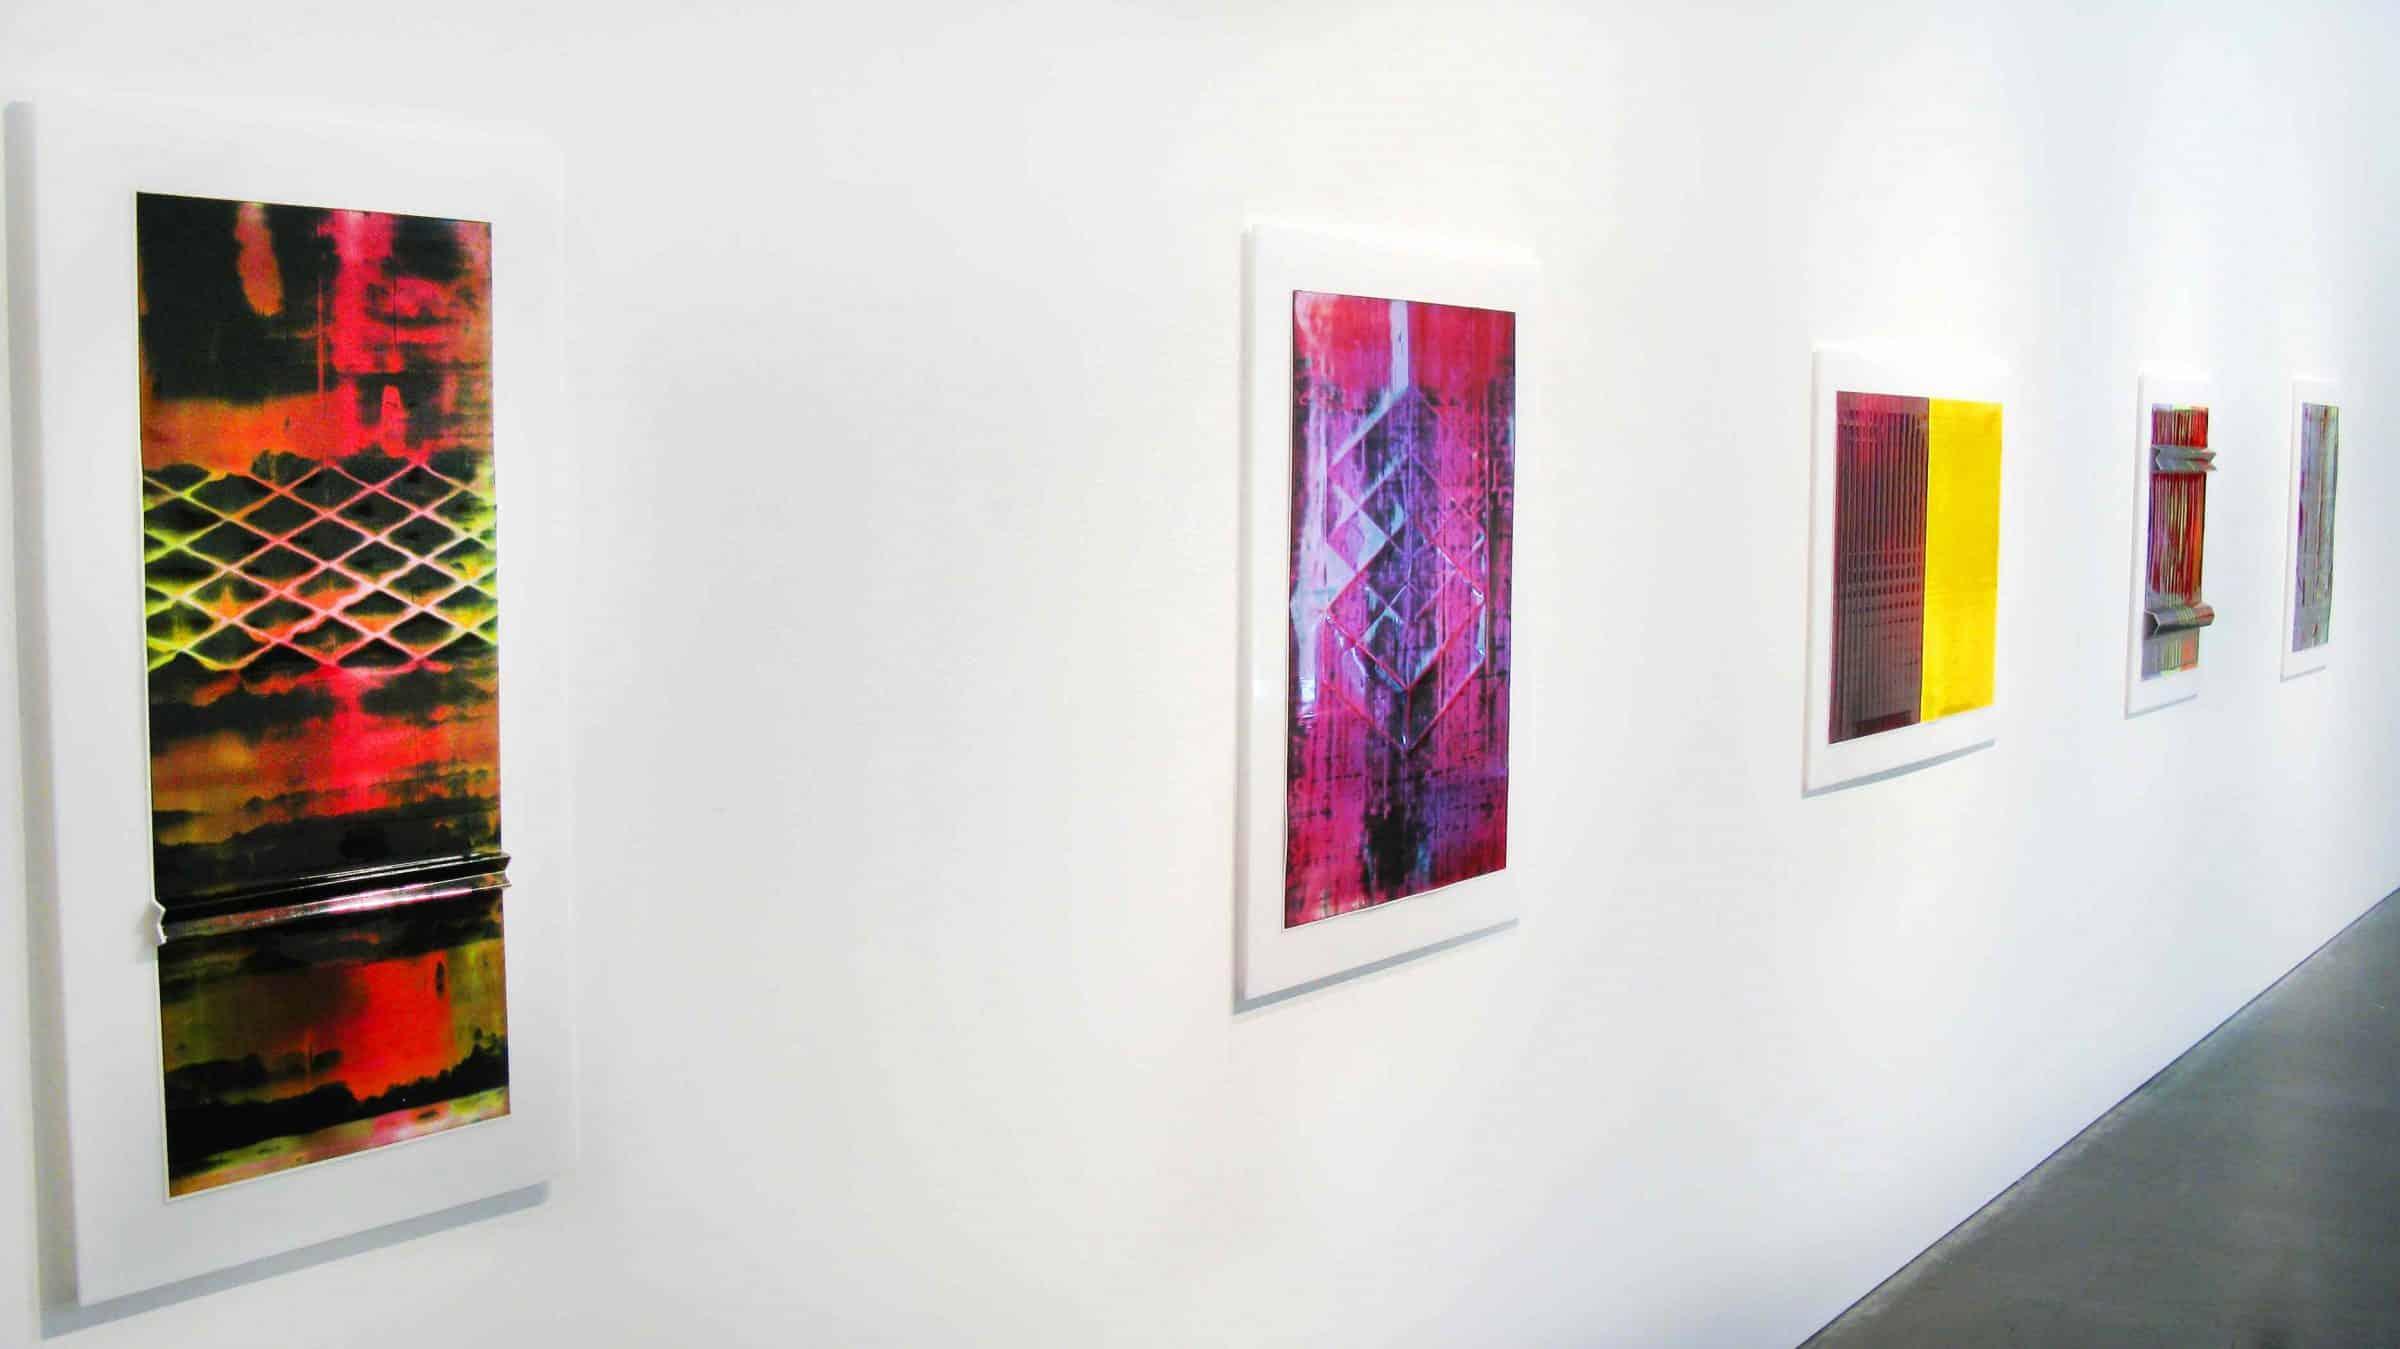 Installation of Marie Lannoo exhibition, 2013, at Newzones Gallery, Calgary